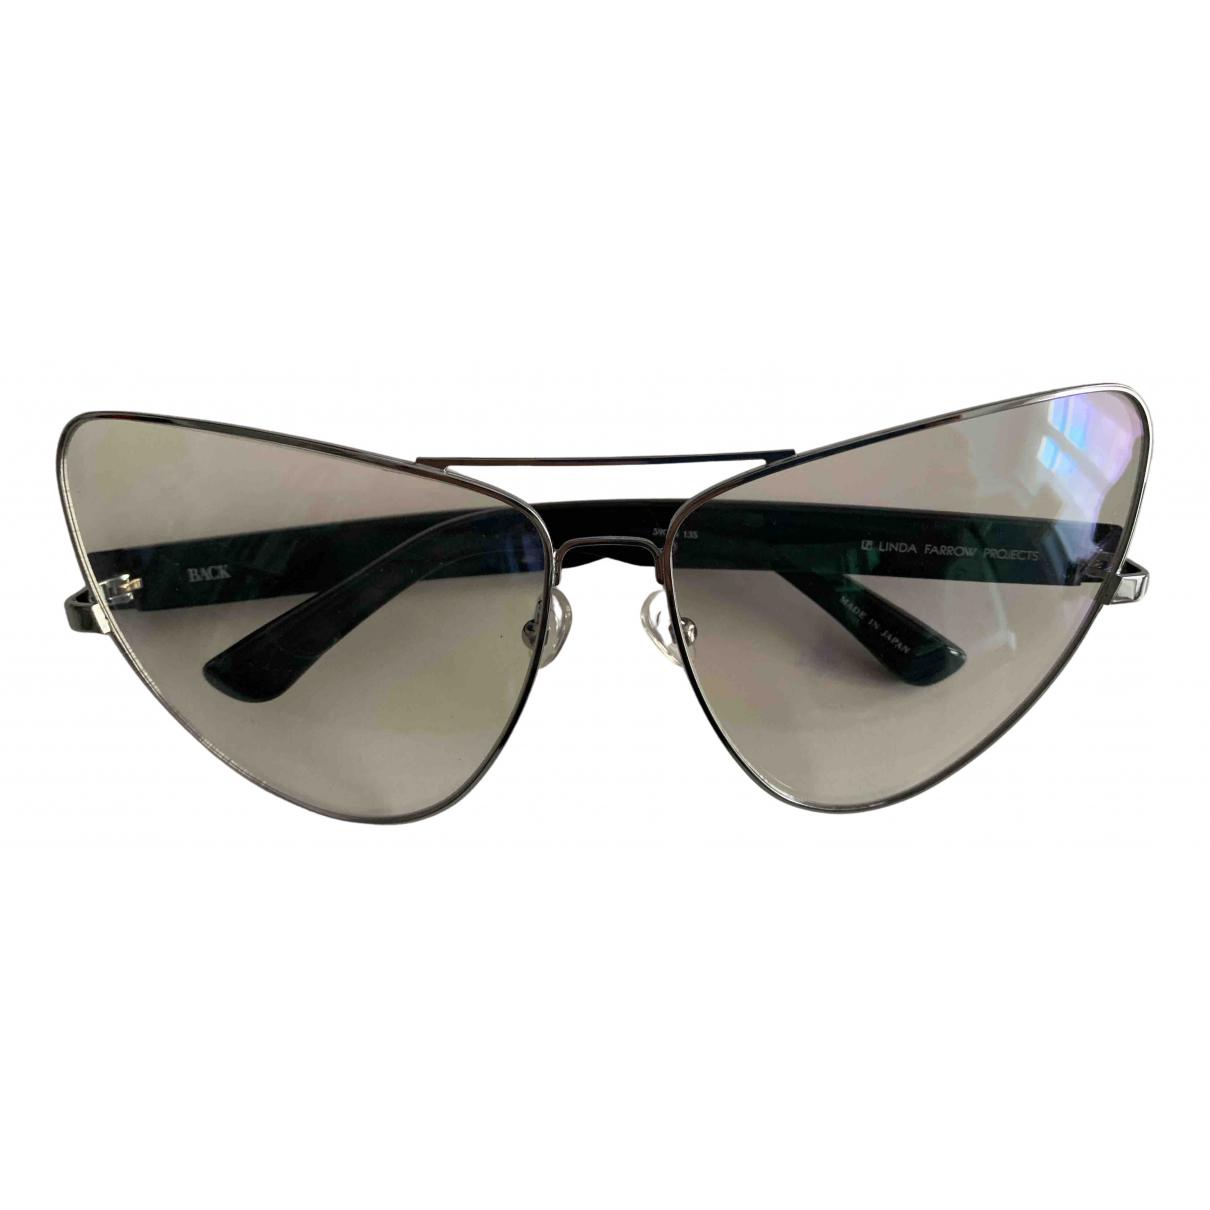 Linda Farrow N Silver Metal Sunglasses for Women N